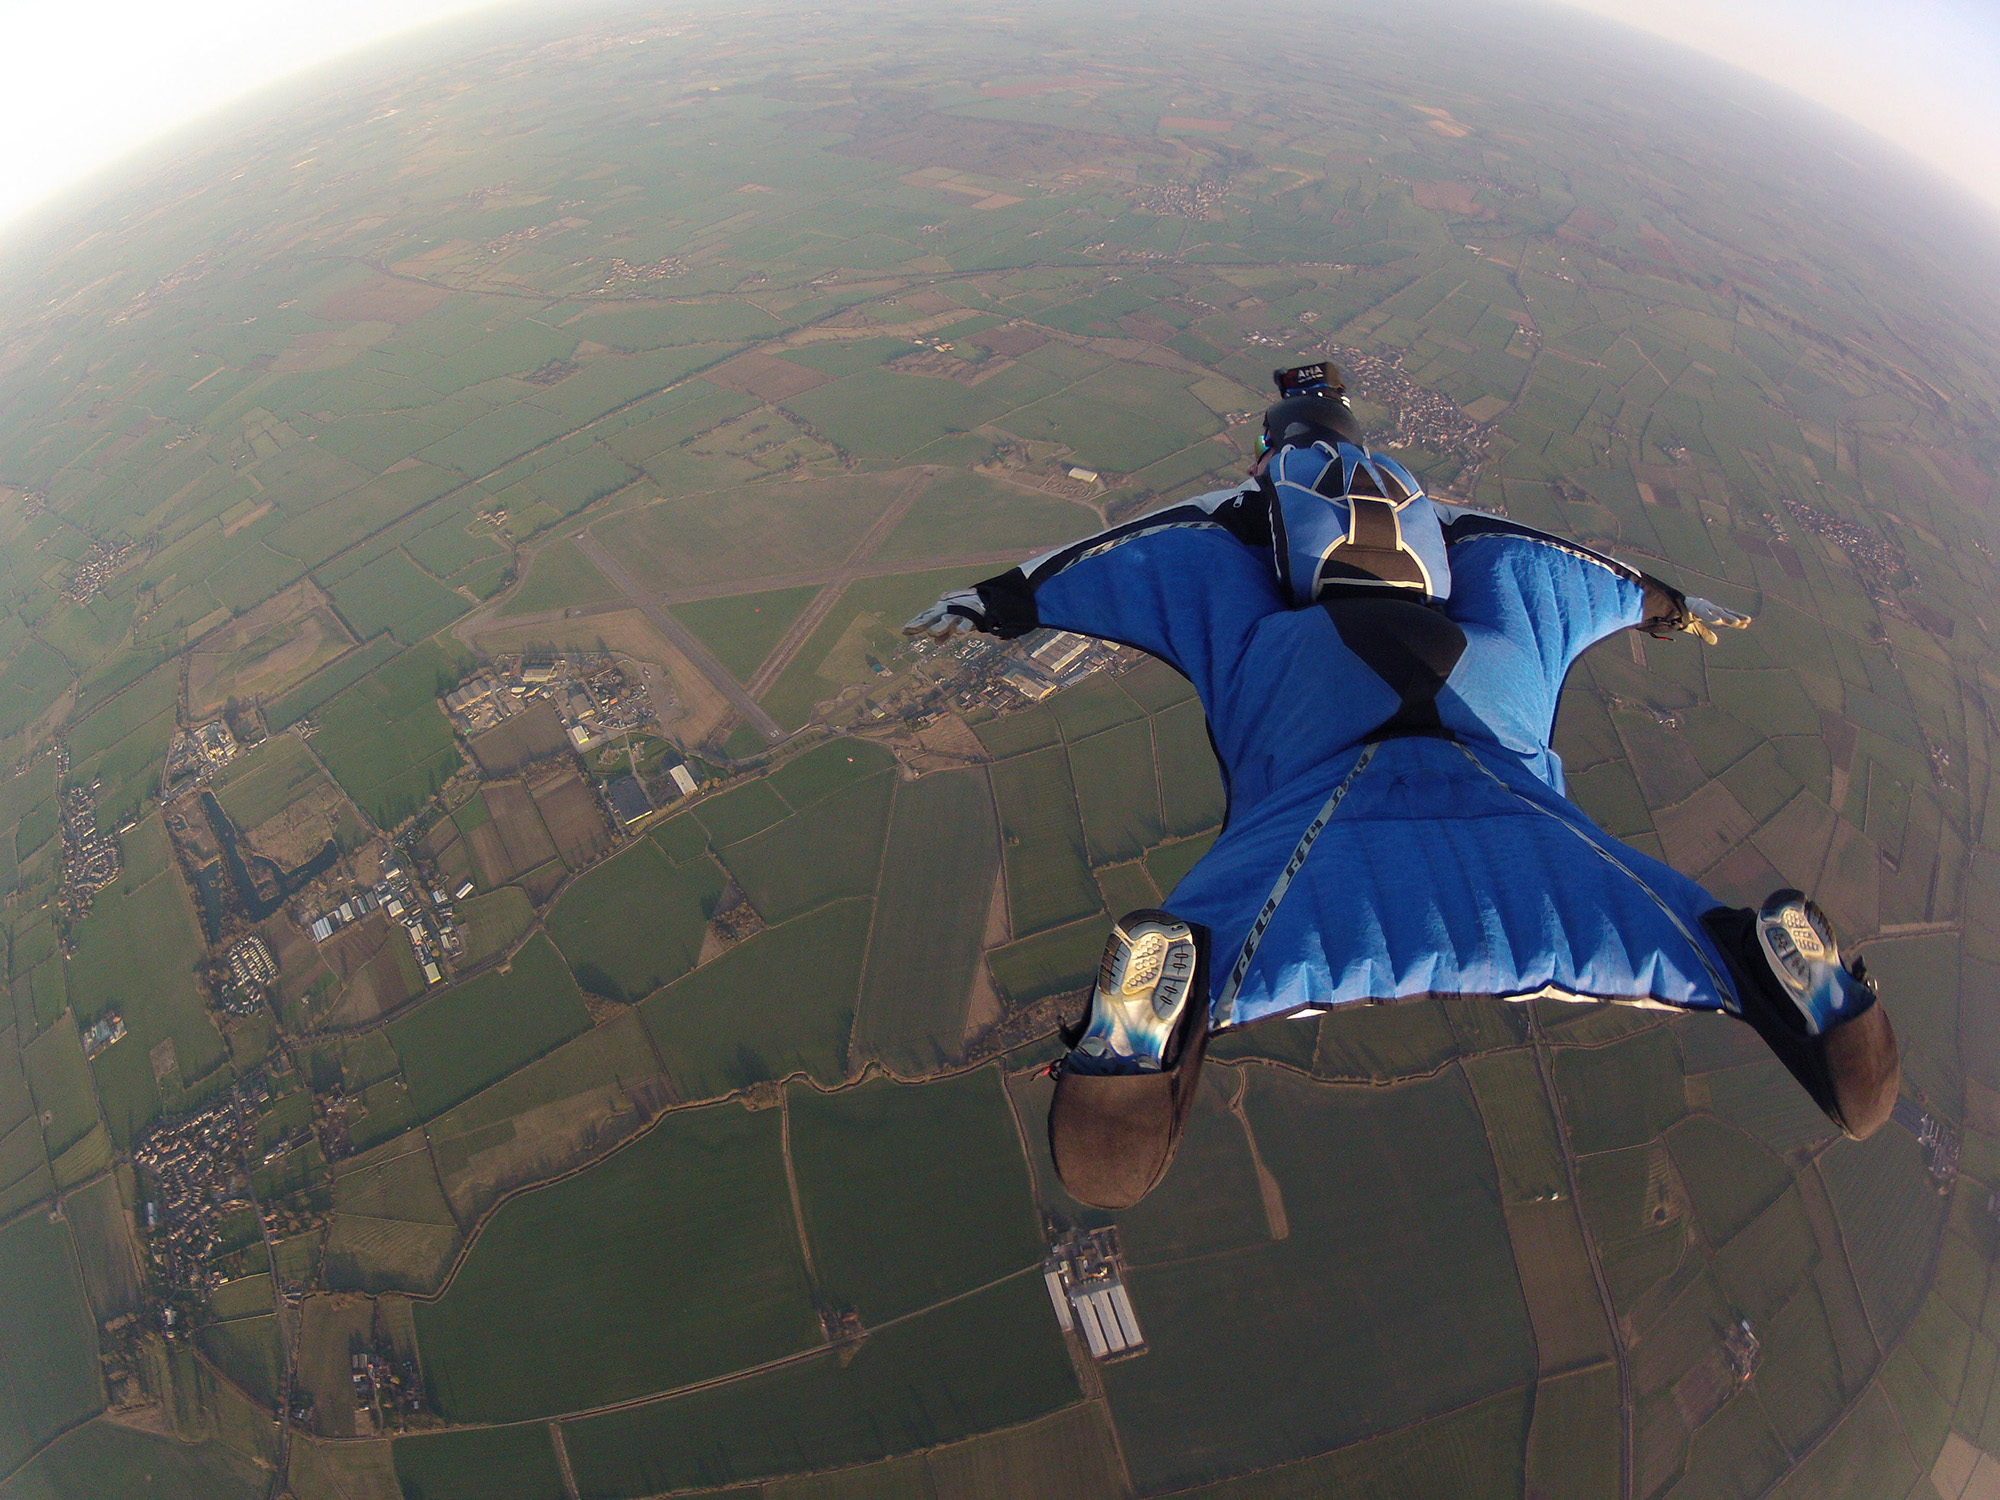 Wingsuiting over Langar